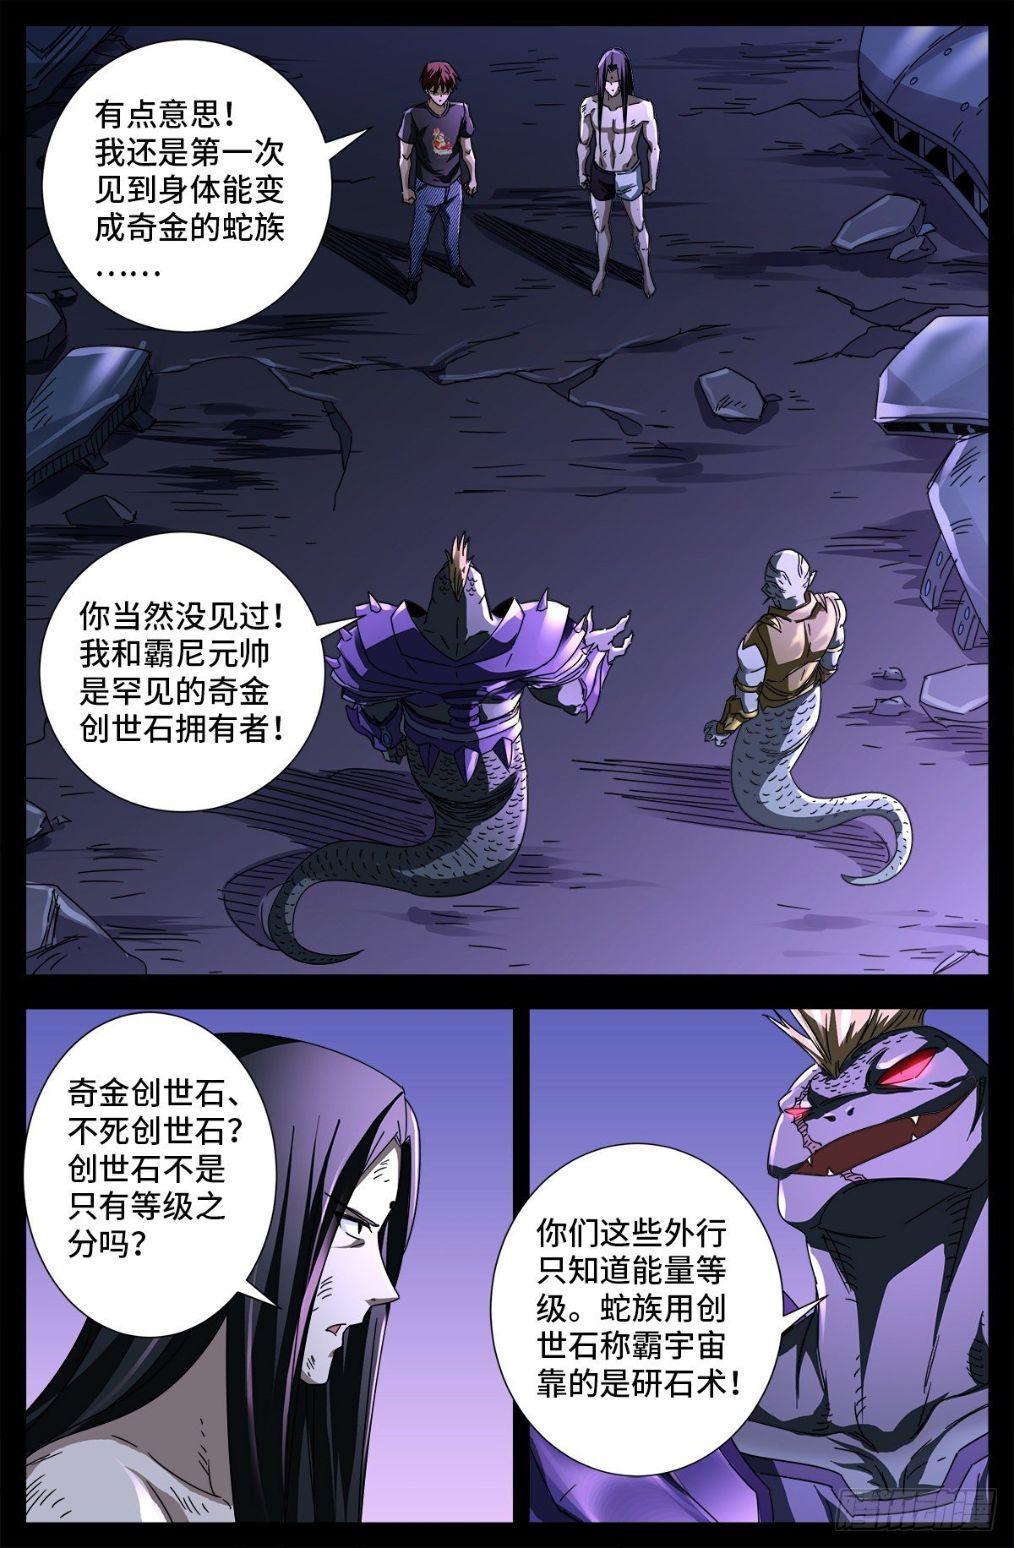 僵尸王漫画:戒魔人 第671话 恐怖的研石术